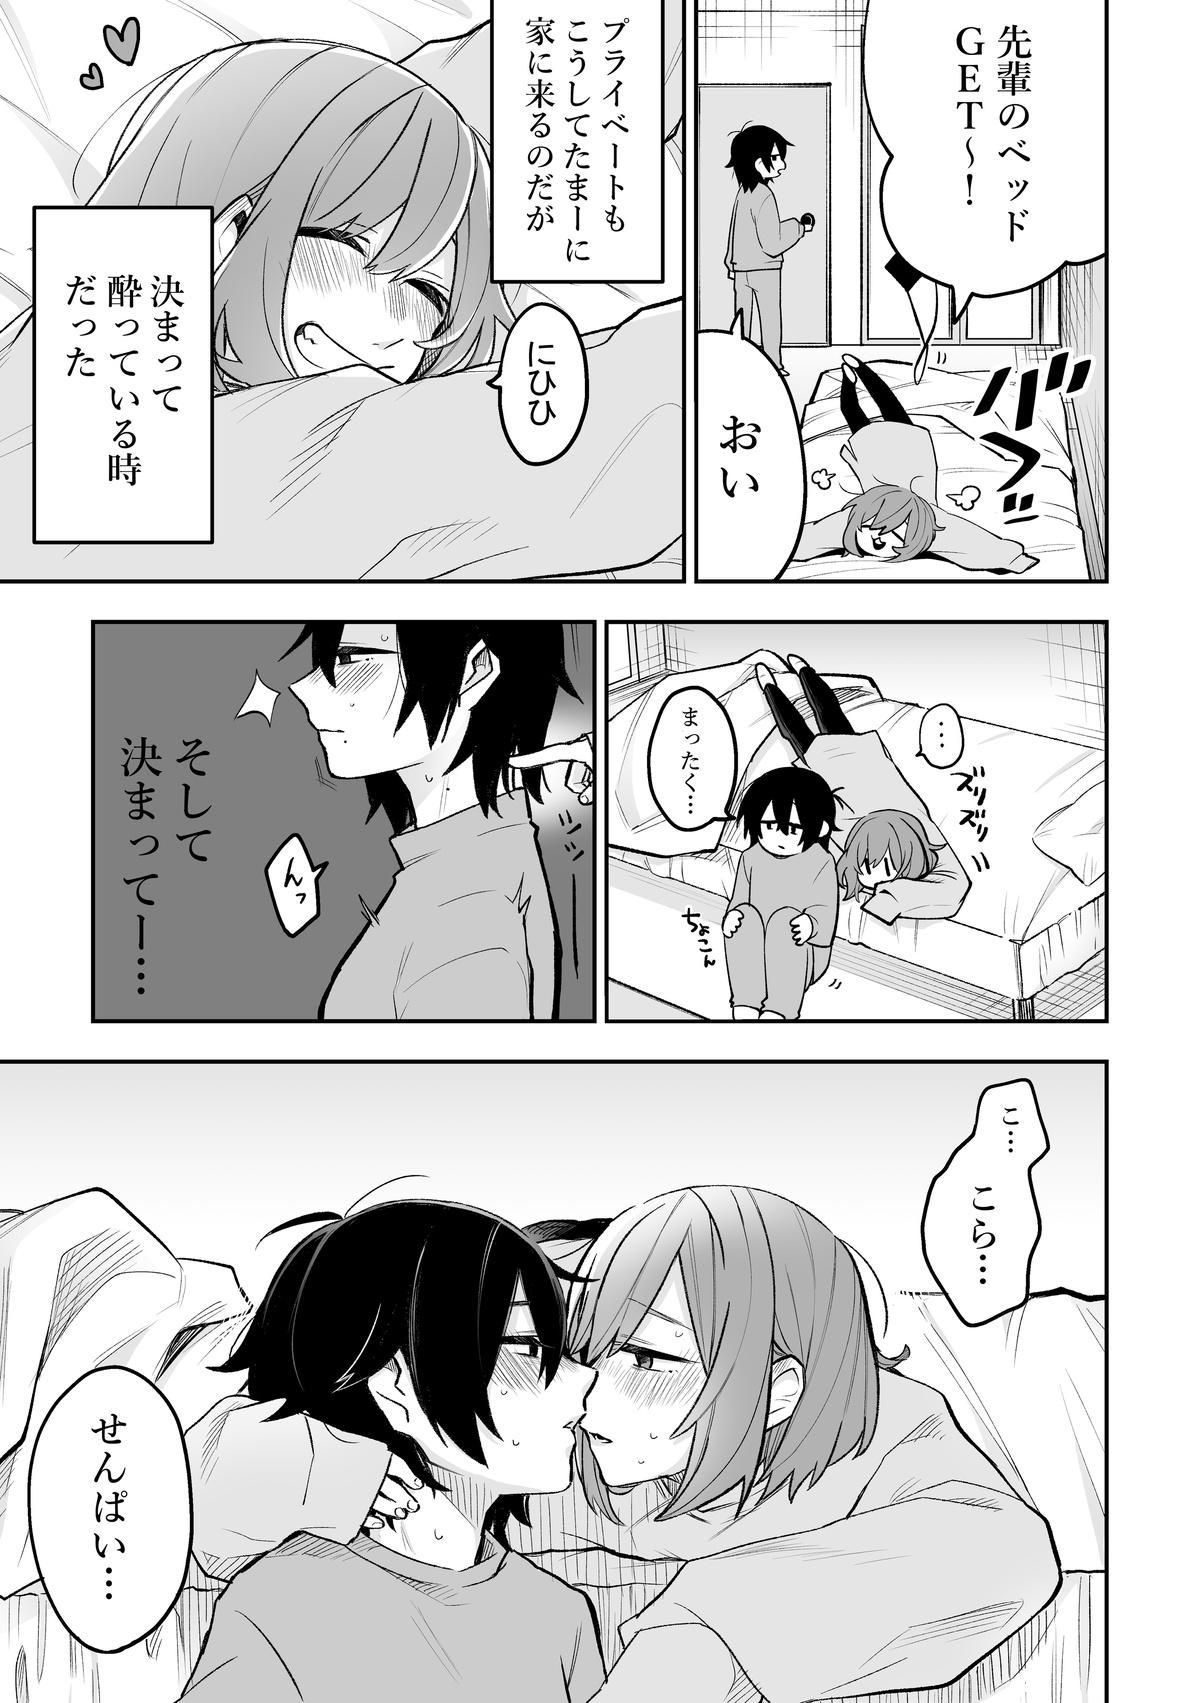 Honshin wa Makuramoto ni Kakushite. 3